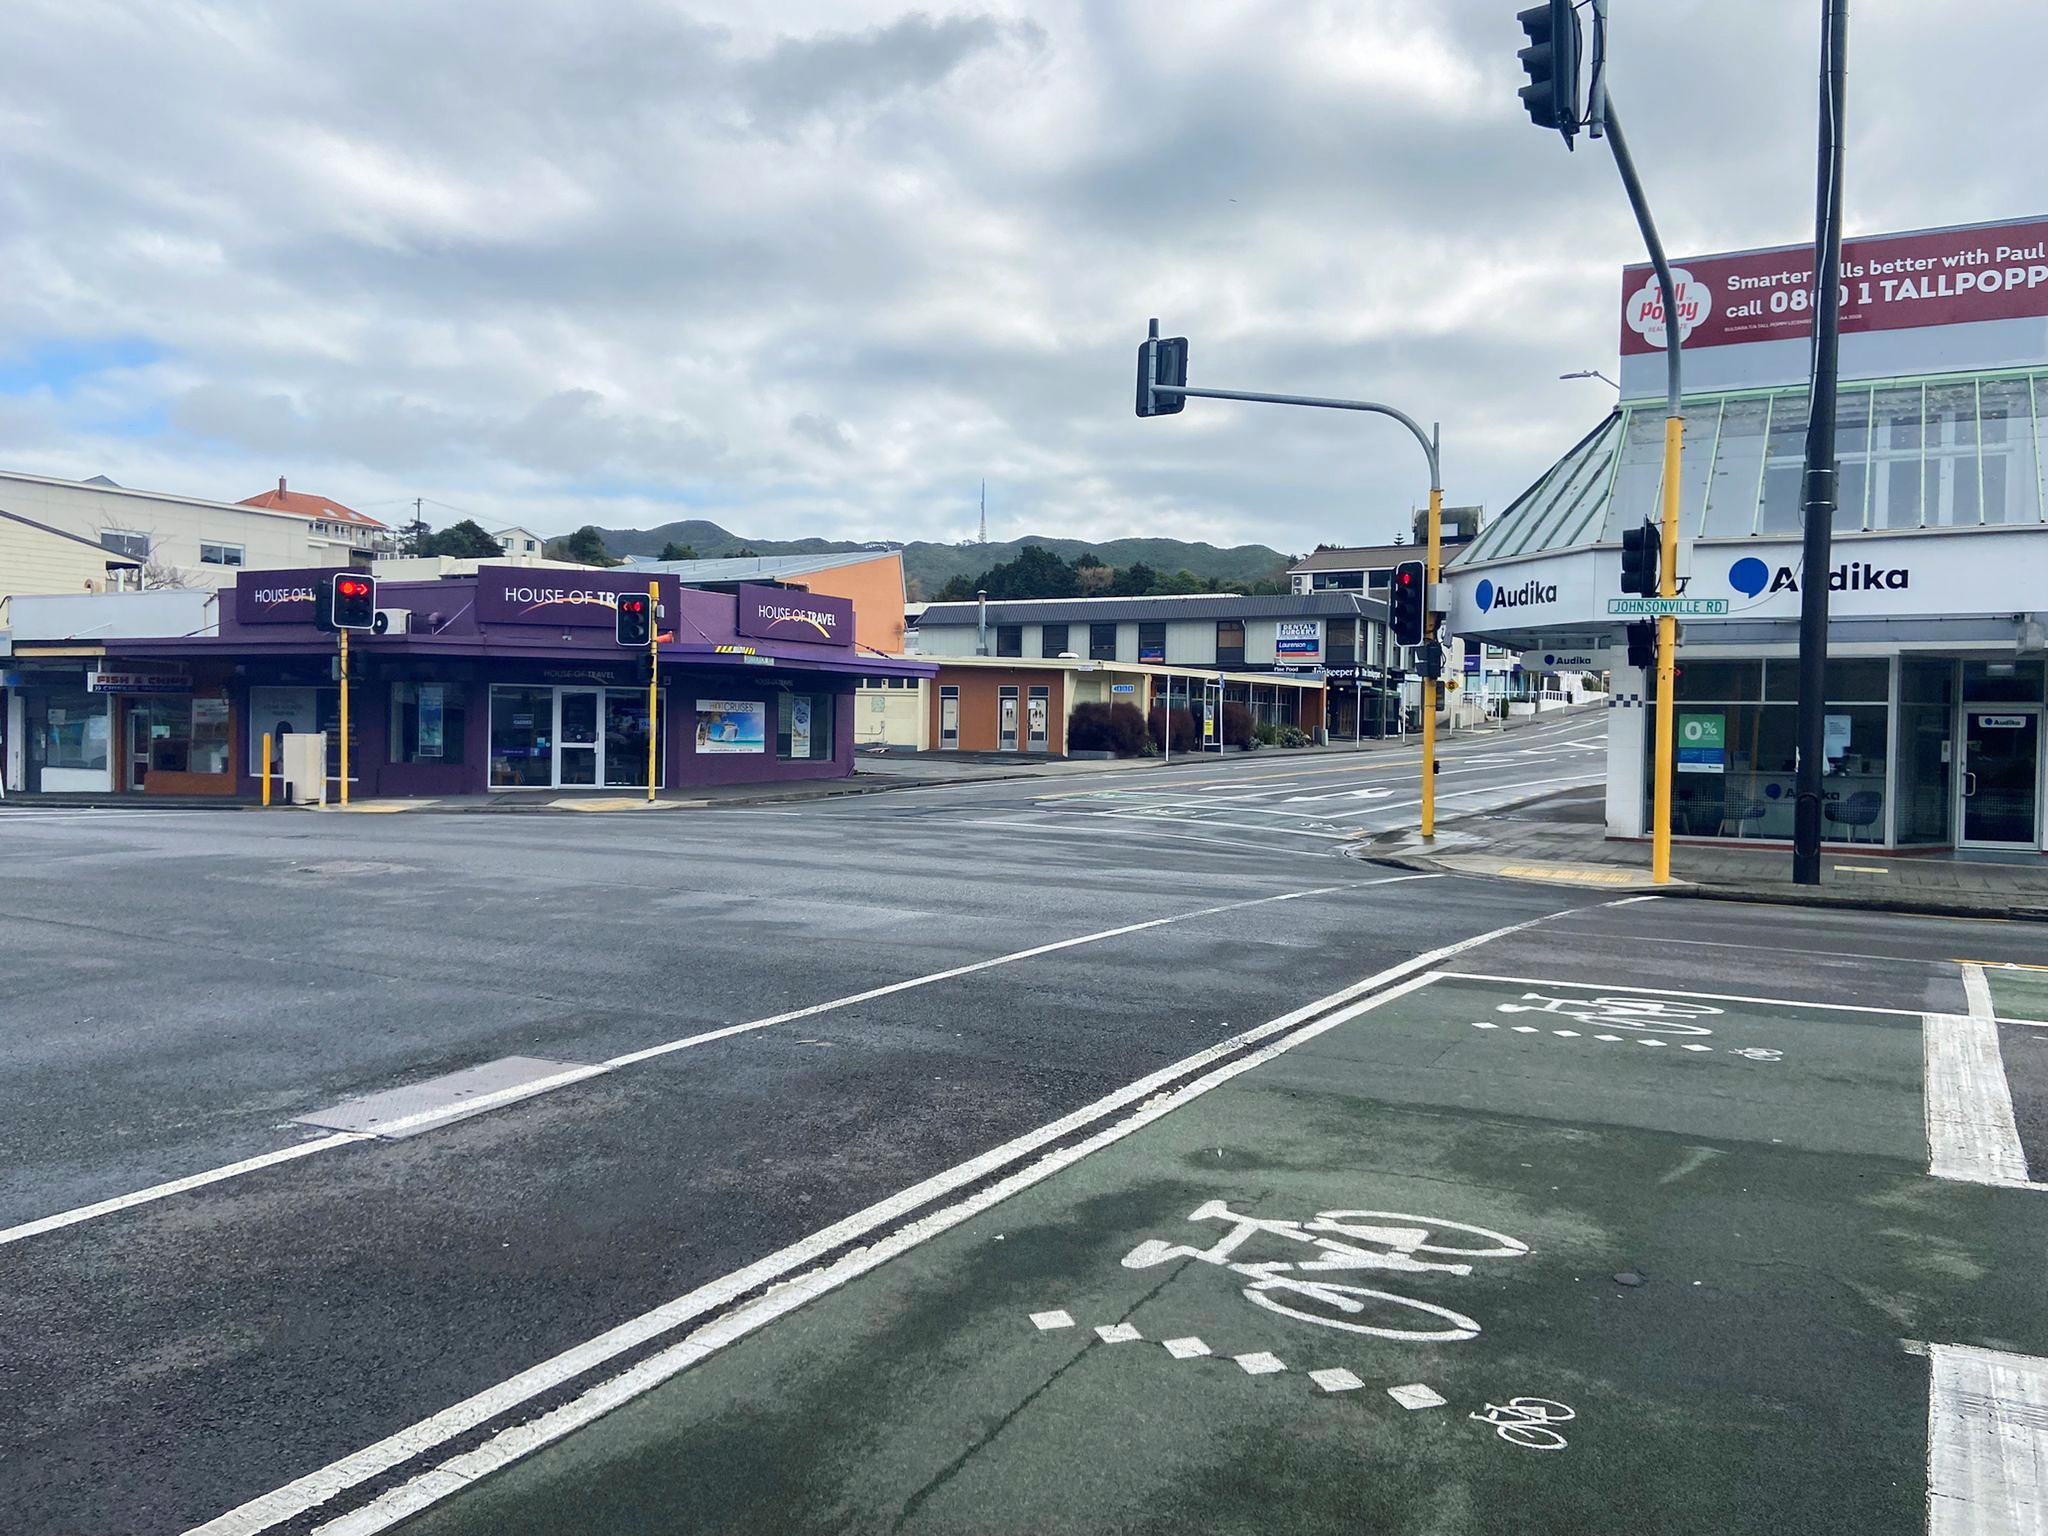 Νέα Ζηλανδία: Παρατείνεται το lockdown – Στα 35 τα νέα κρούσματα κορονοϊού